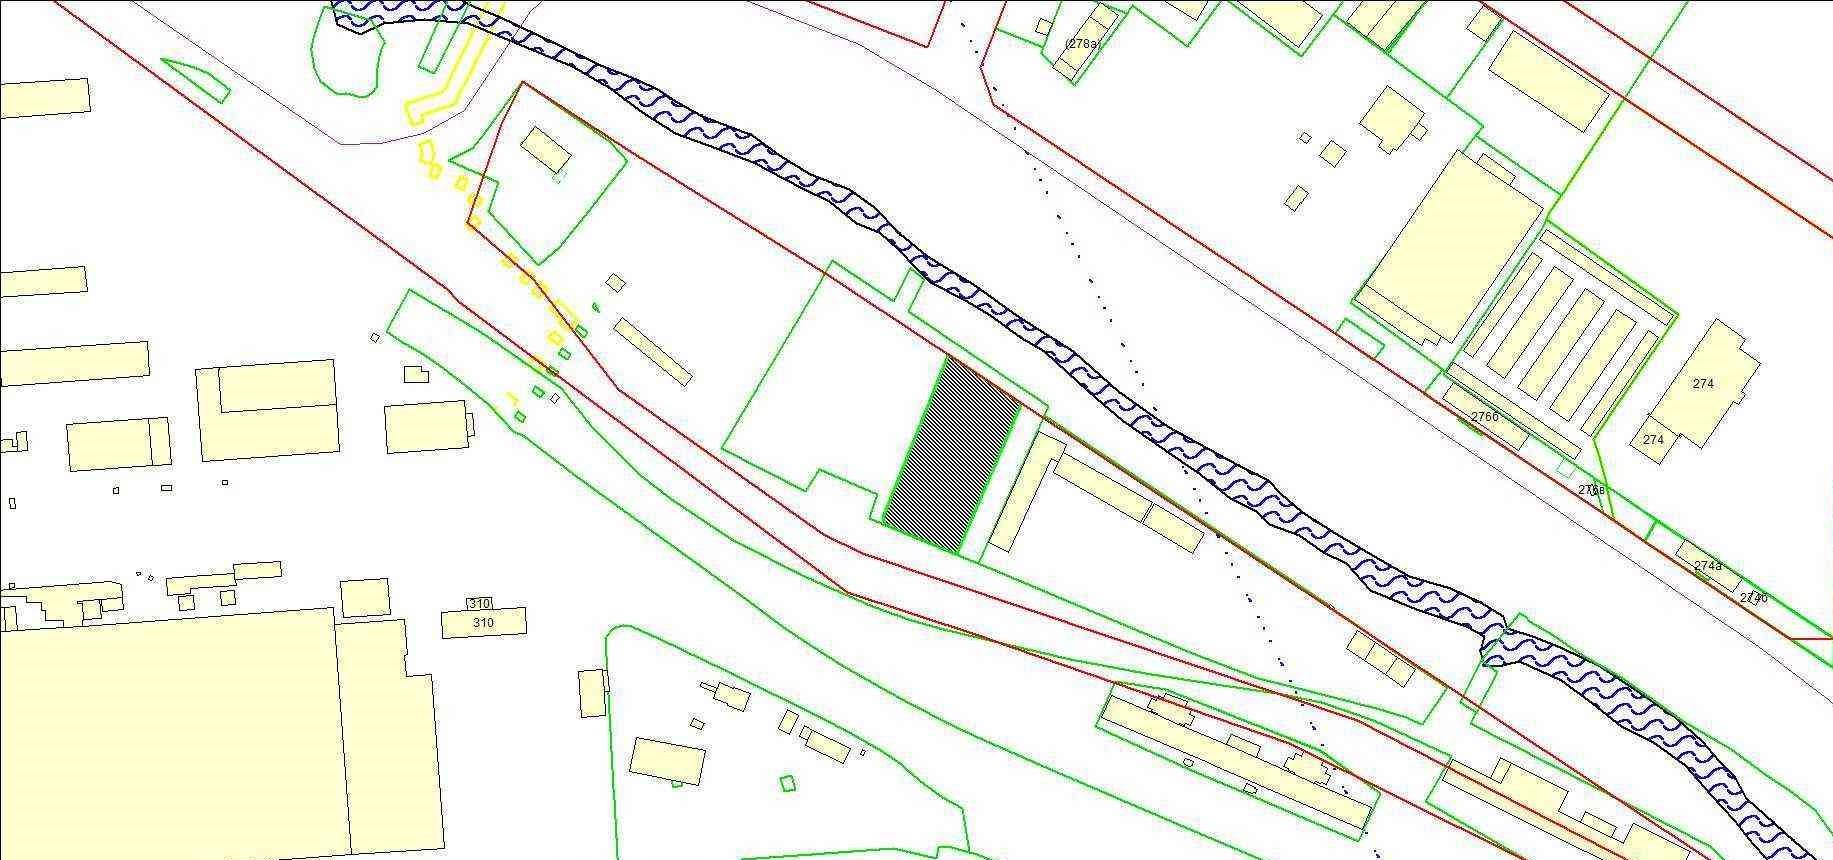 Схема расположения земельного участка по адресу: ул. Большая, з/у 101, Ленинский район